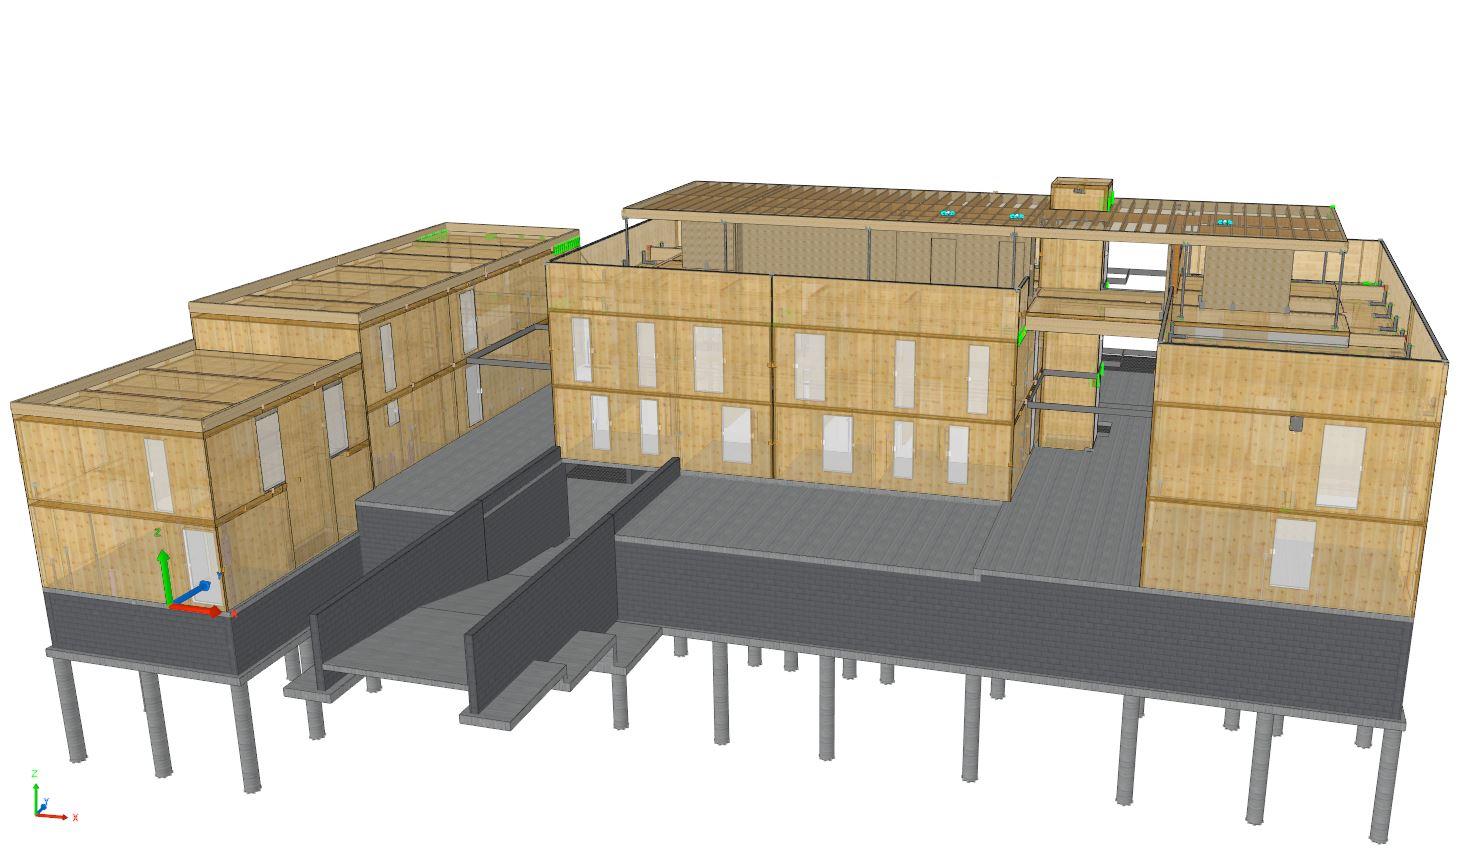 Projets d architecture architrave namur